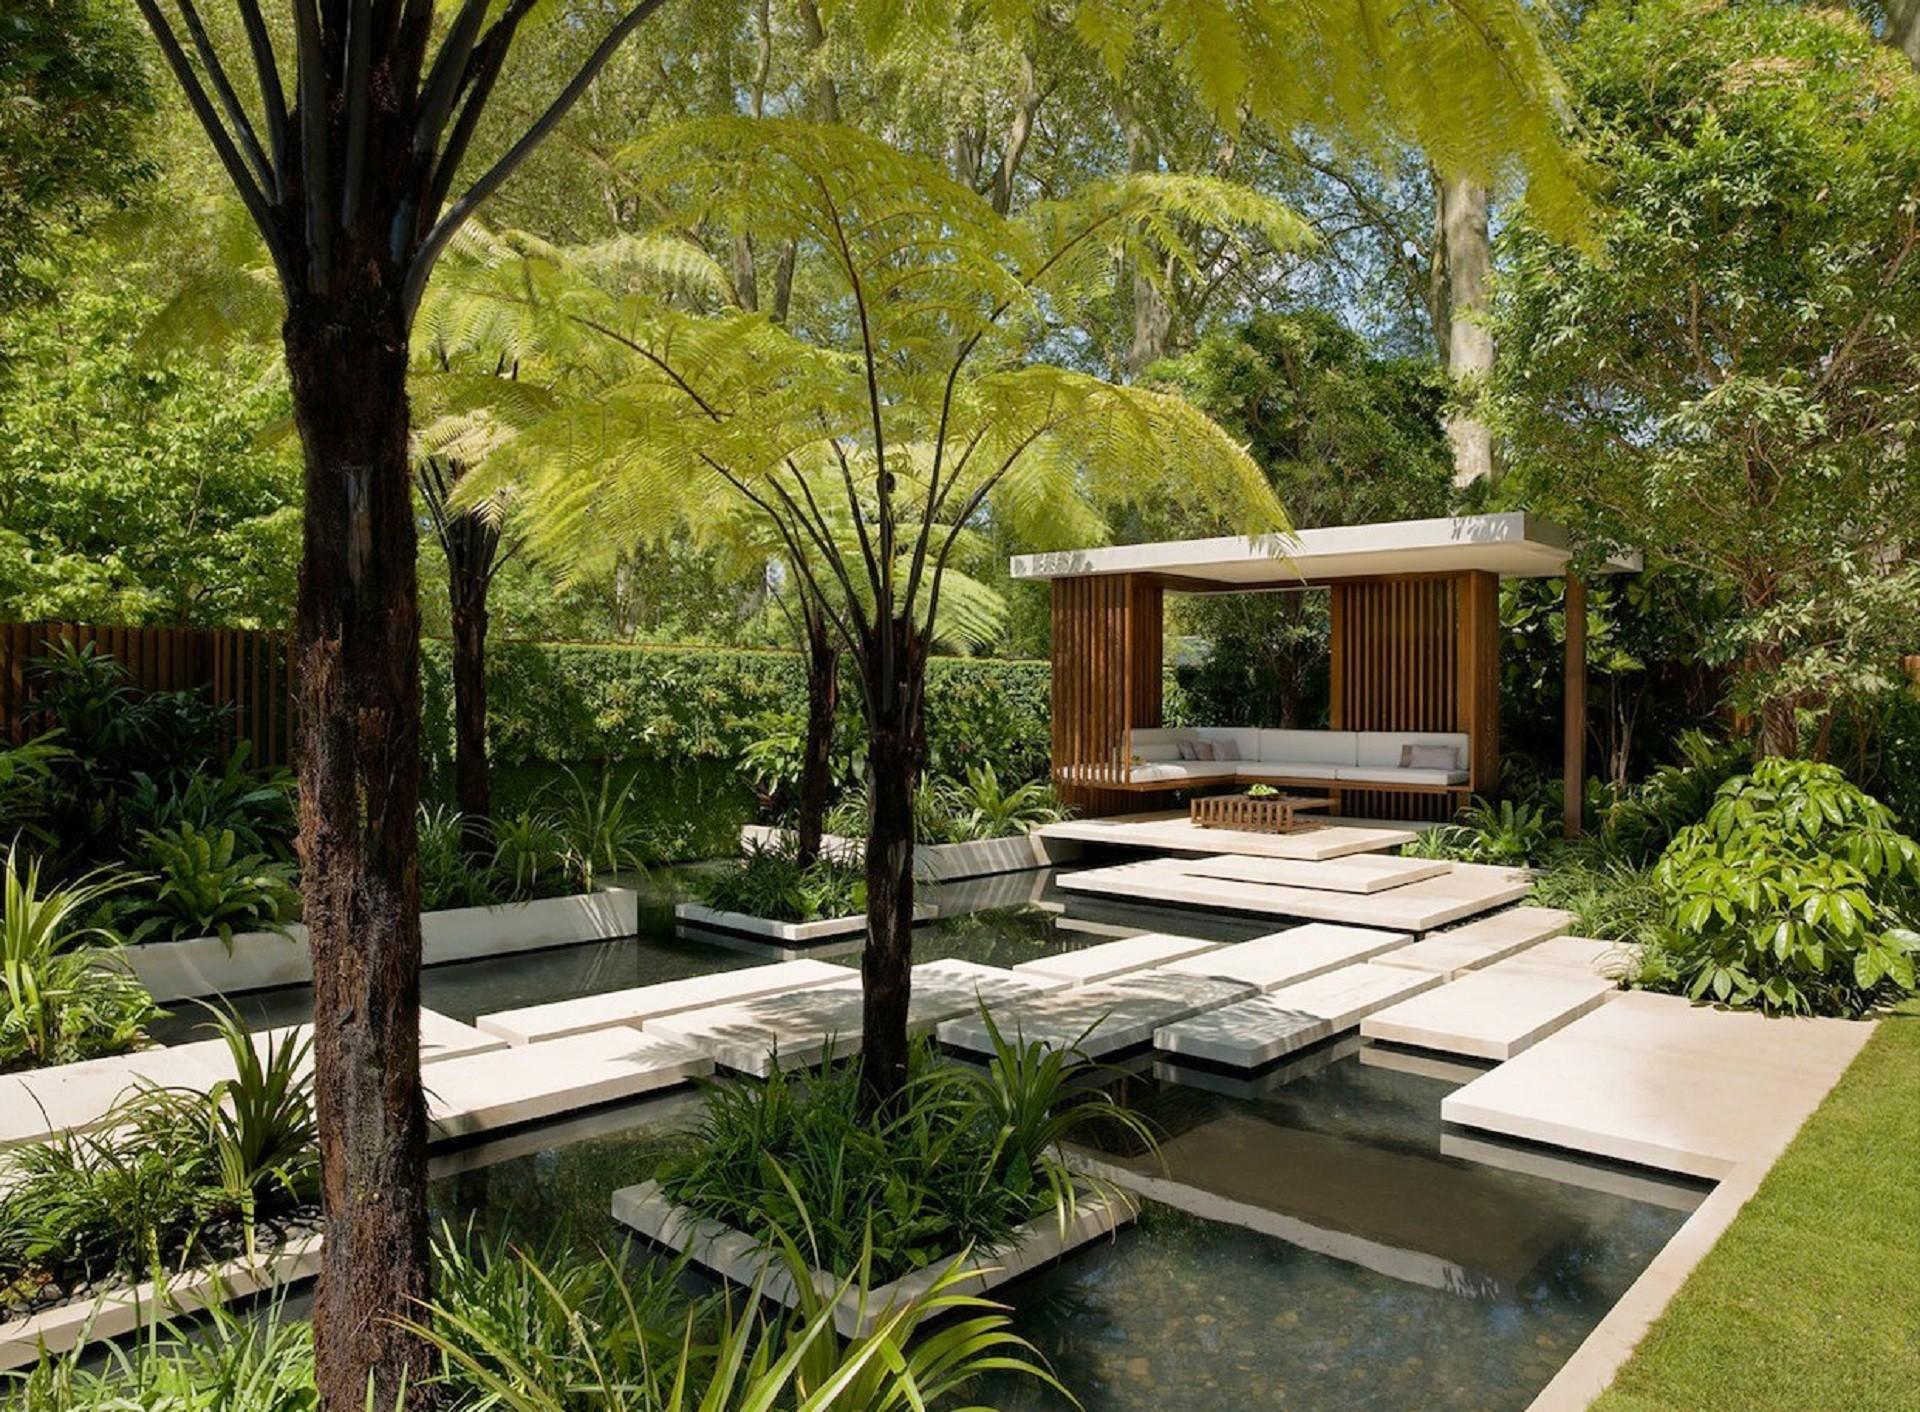 Progettare Il Giardino Software Gratis : Progettazione giardini: come fare idee e costi planeta srl